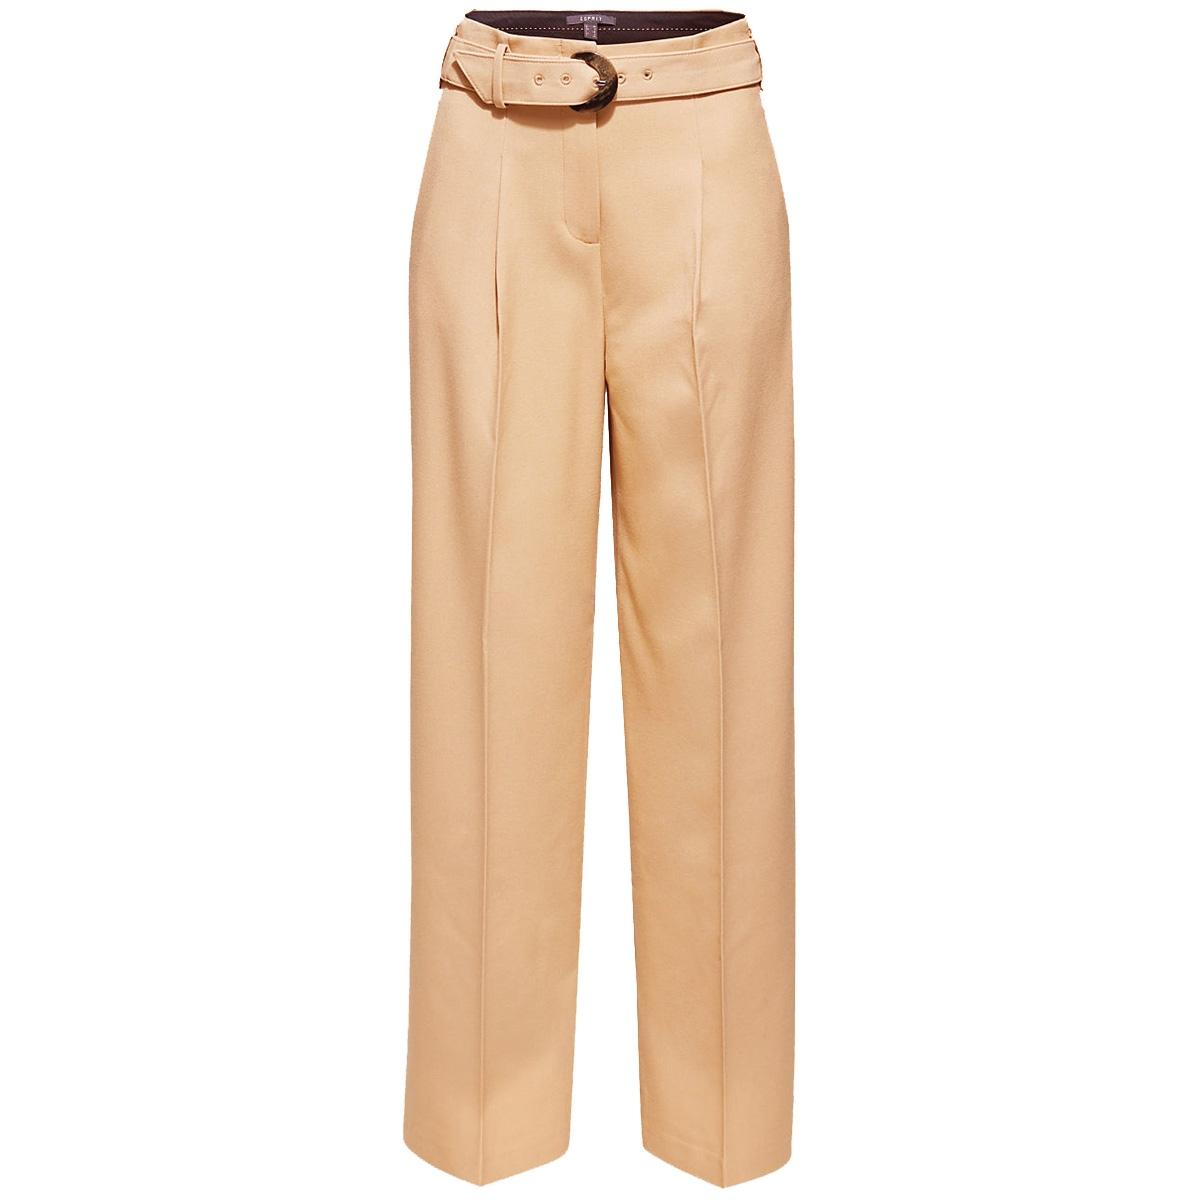 wijde broek met hoge tailleband en riem 109eo1b036 esprit collection broek e230